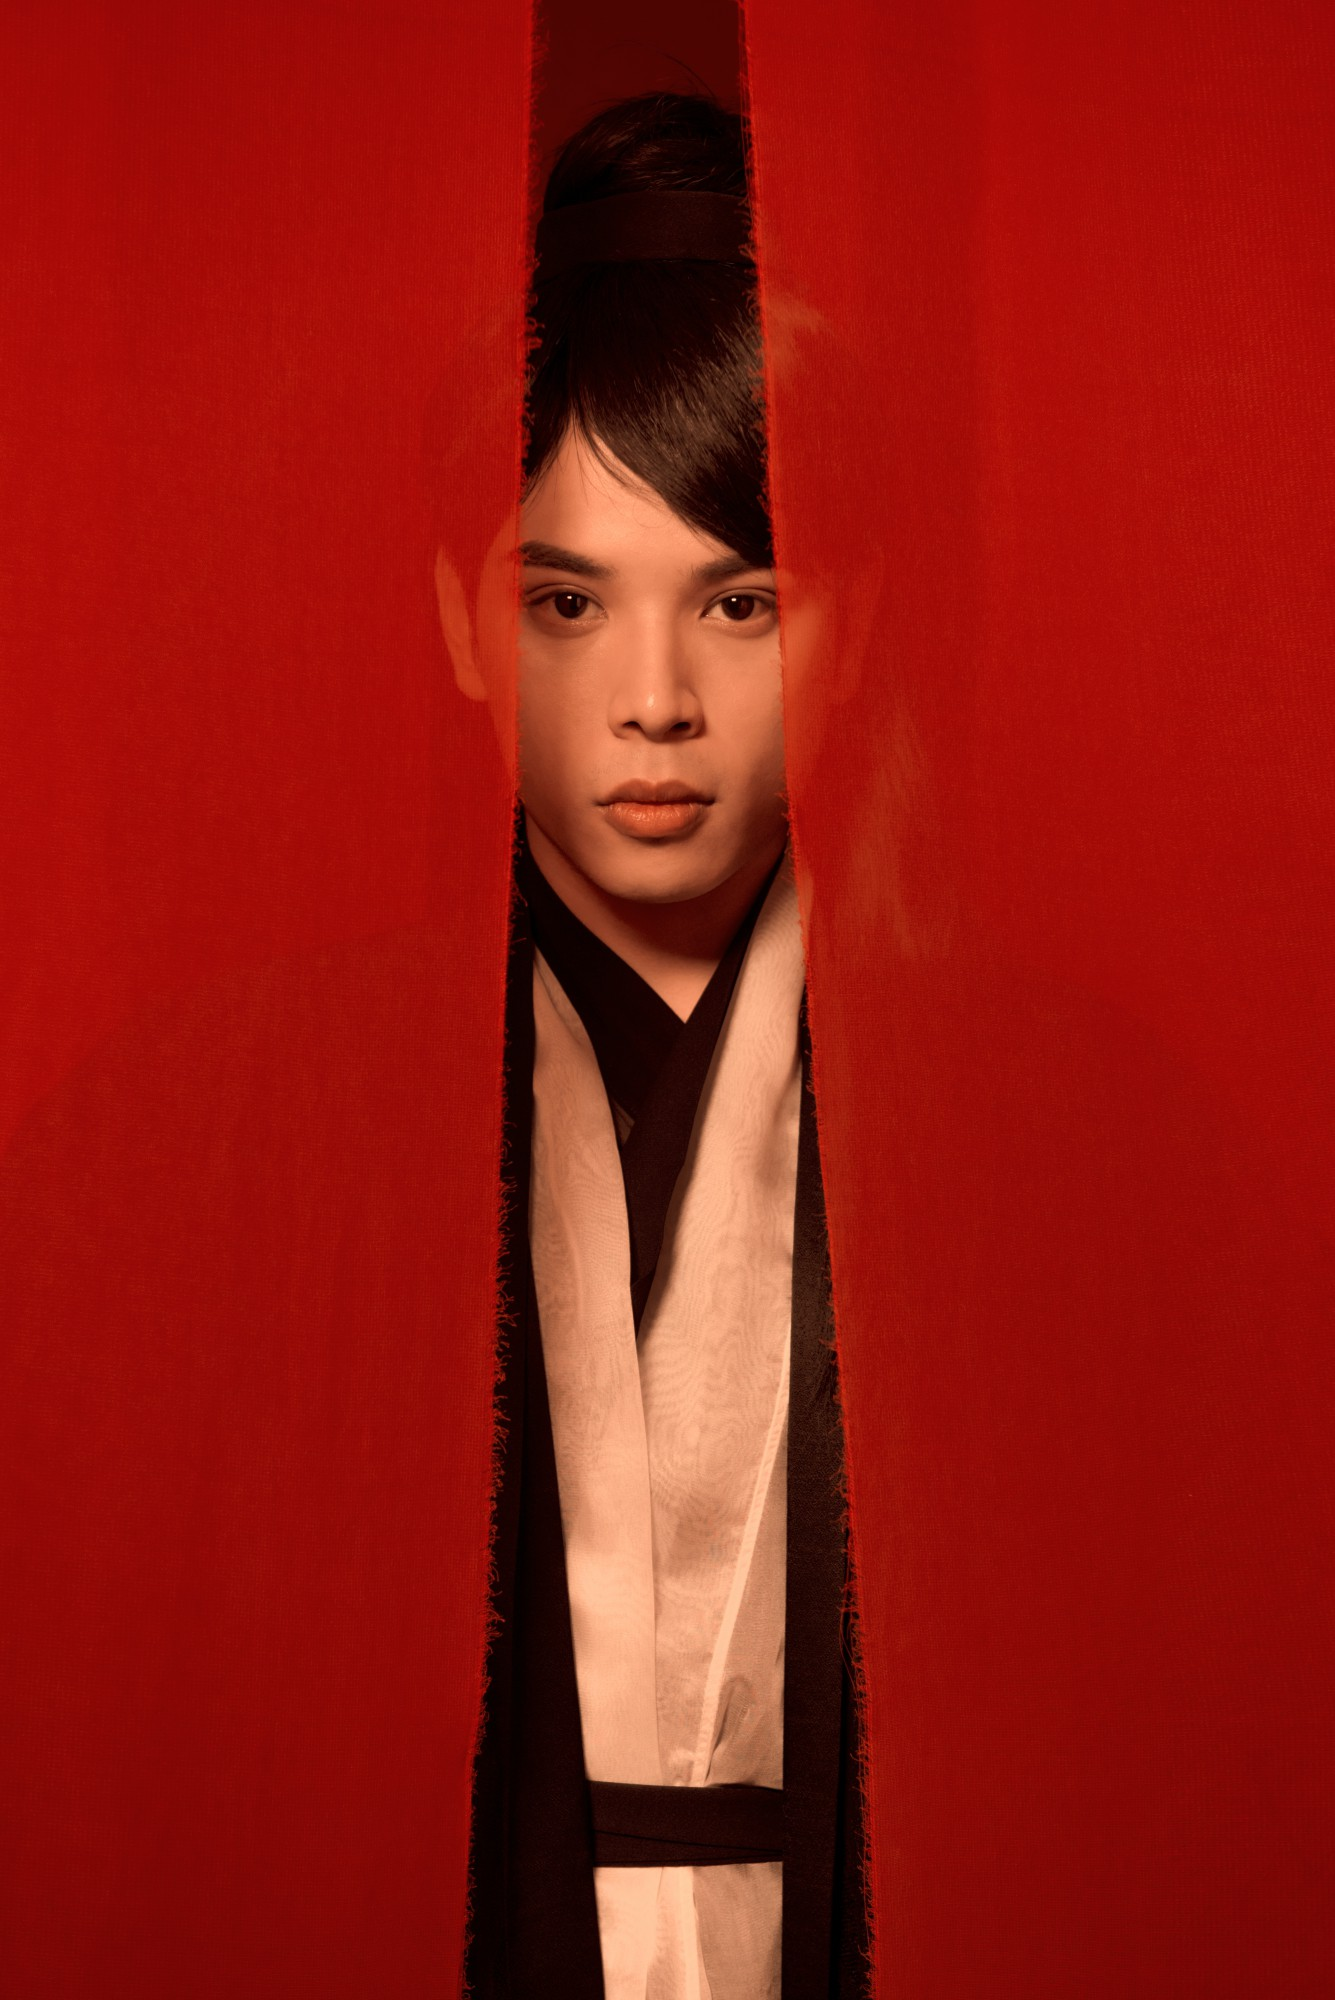 Jaykii tiếp tục hát nhạc của Dương Khắc Linh, làm MV cổ trang lấy cảm hứng từ Truyện Kiều - Ảnh 3.